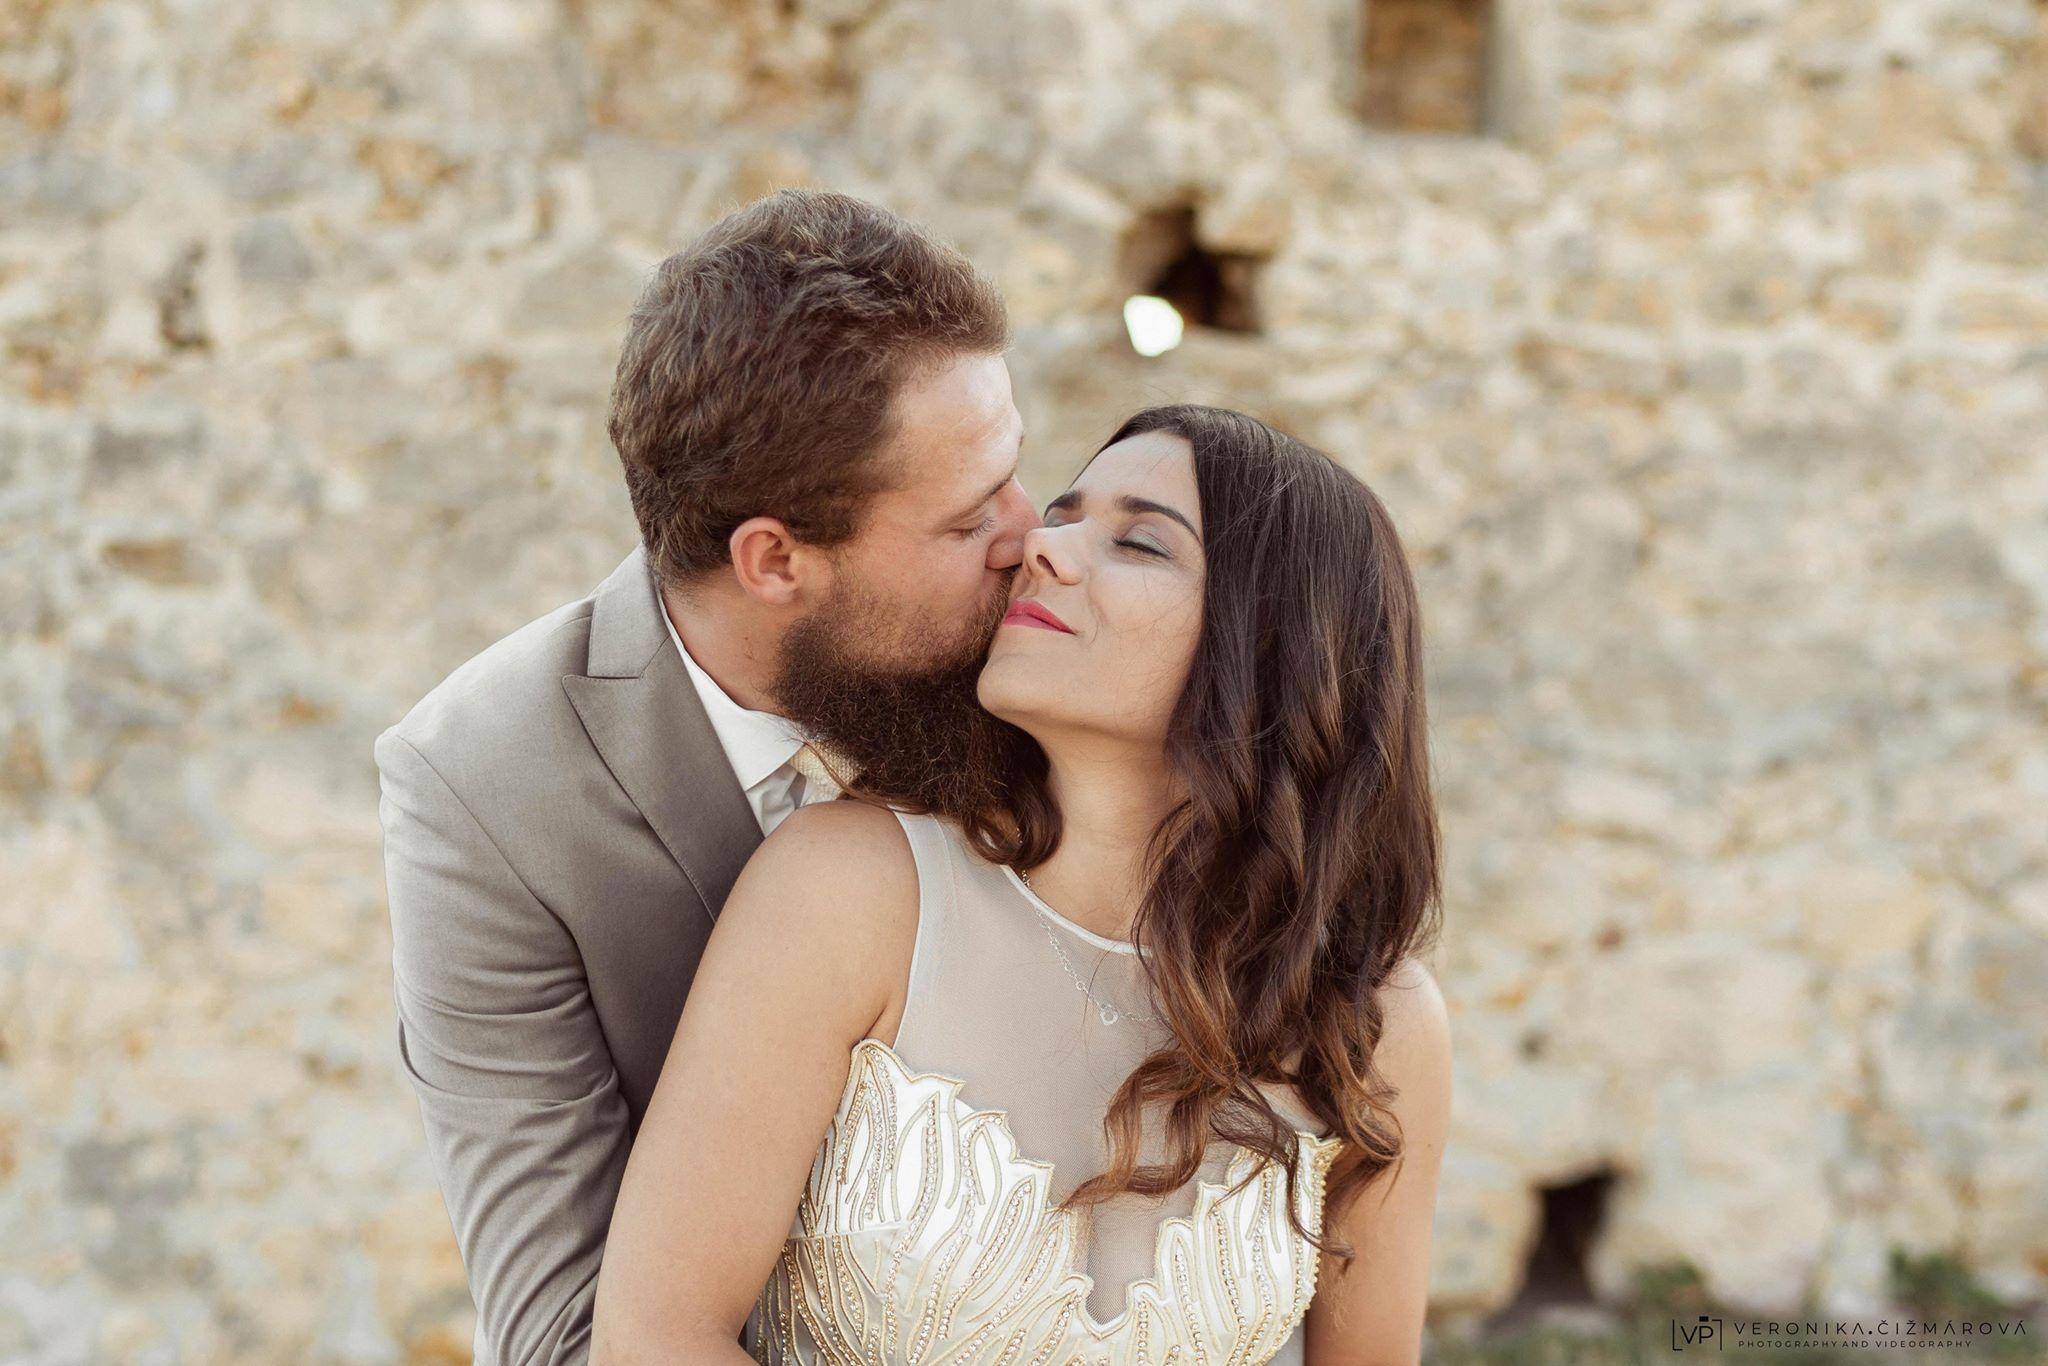 veronika-cizmarova-svadba-od-zazitkarovjpg